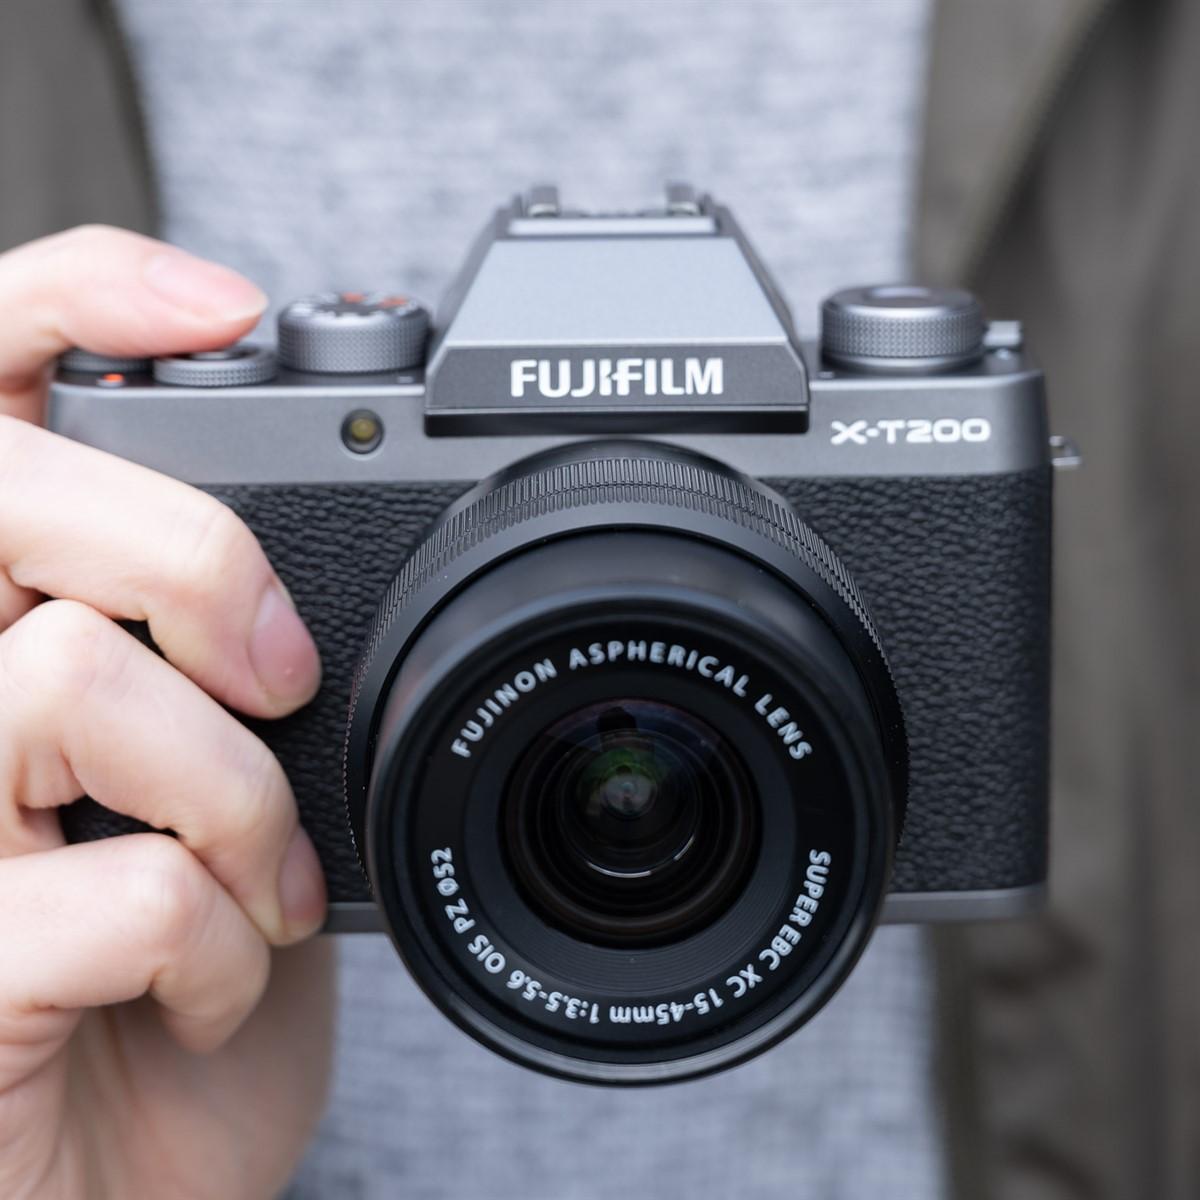 Fujifilm ra mắt máy ảnh X-T200, quay 4K/30p và ống kính giá rẻ XC 35mm F/2 - 12